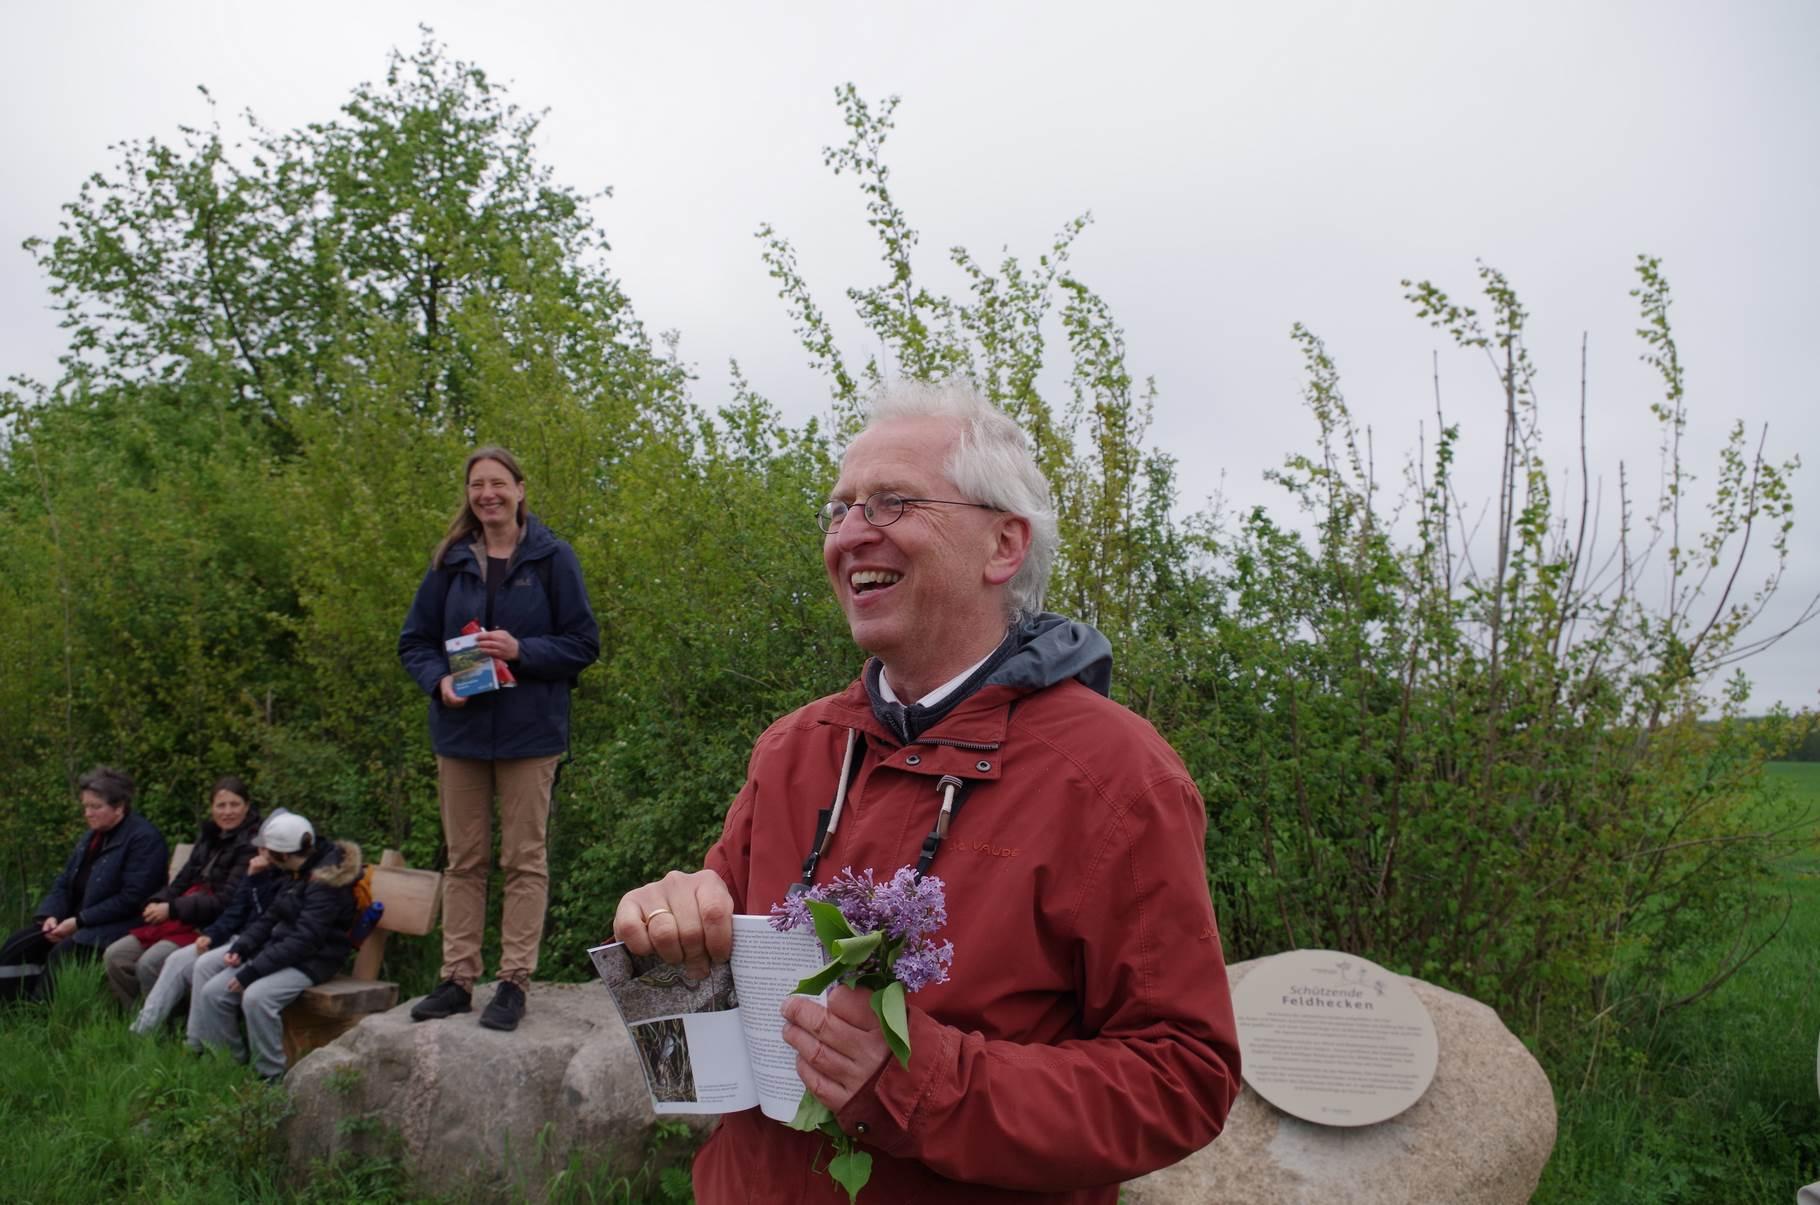 Susanne Winter und Martin Flade präsentieren einen Infopunkt entlang der Kossäten-Tour